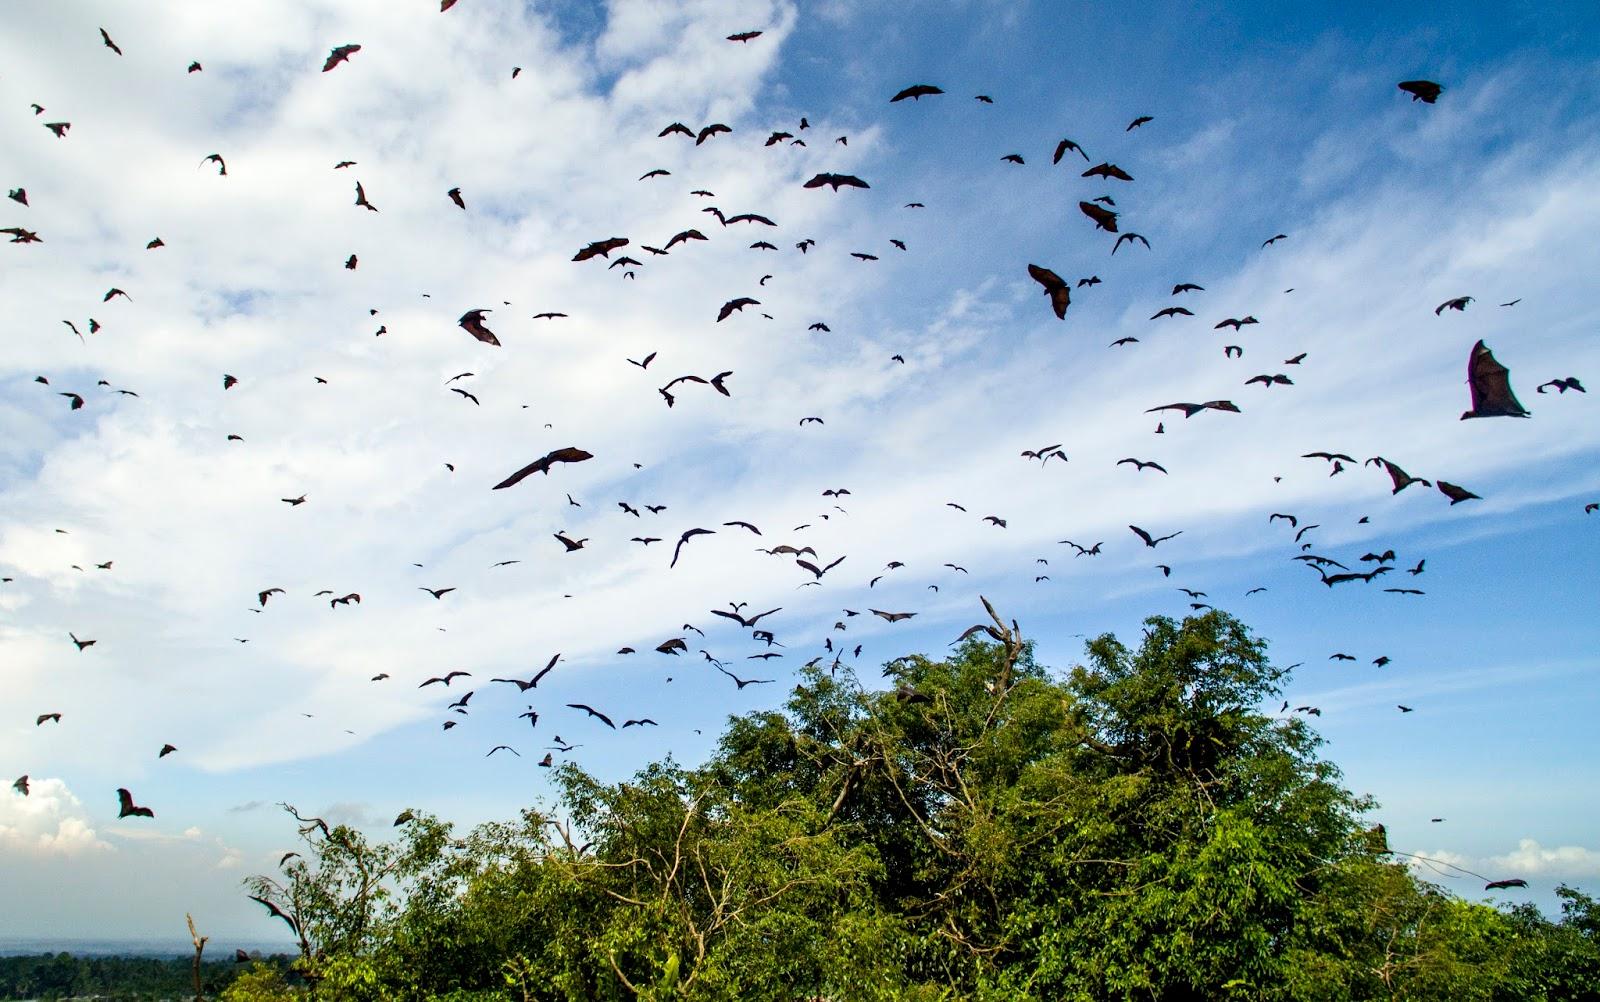 Desa Wisata Sumbermujur Tawarkan Potensi Hutan Bambu Dengan